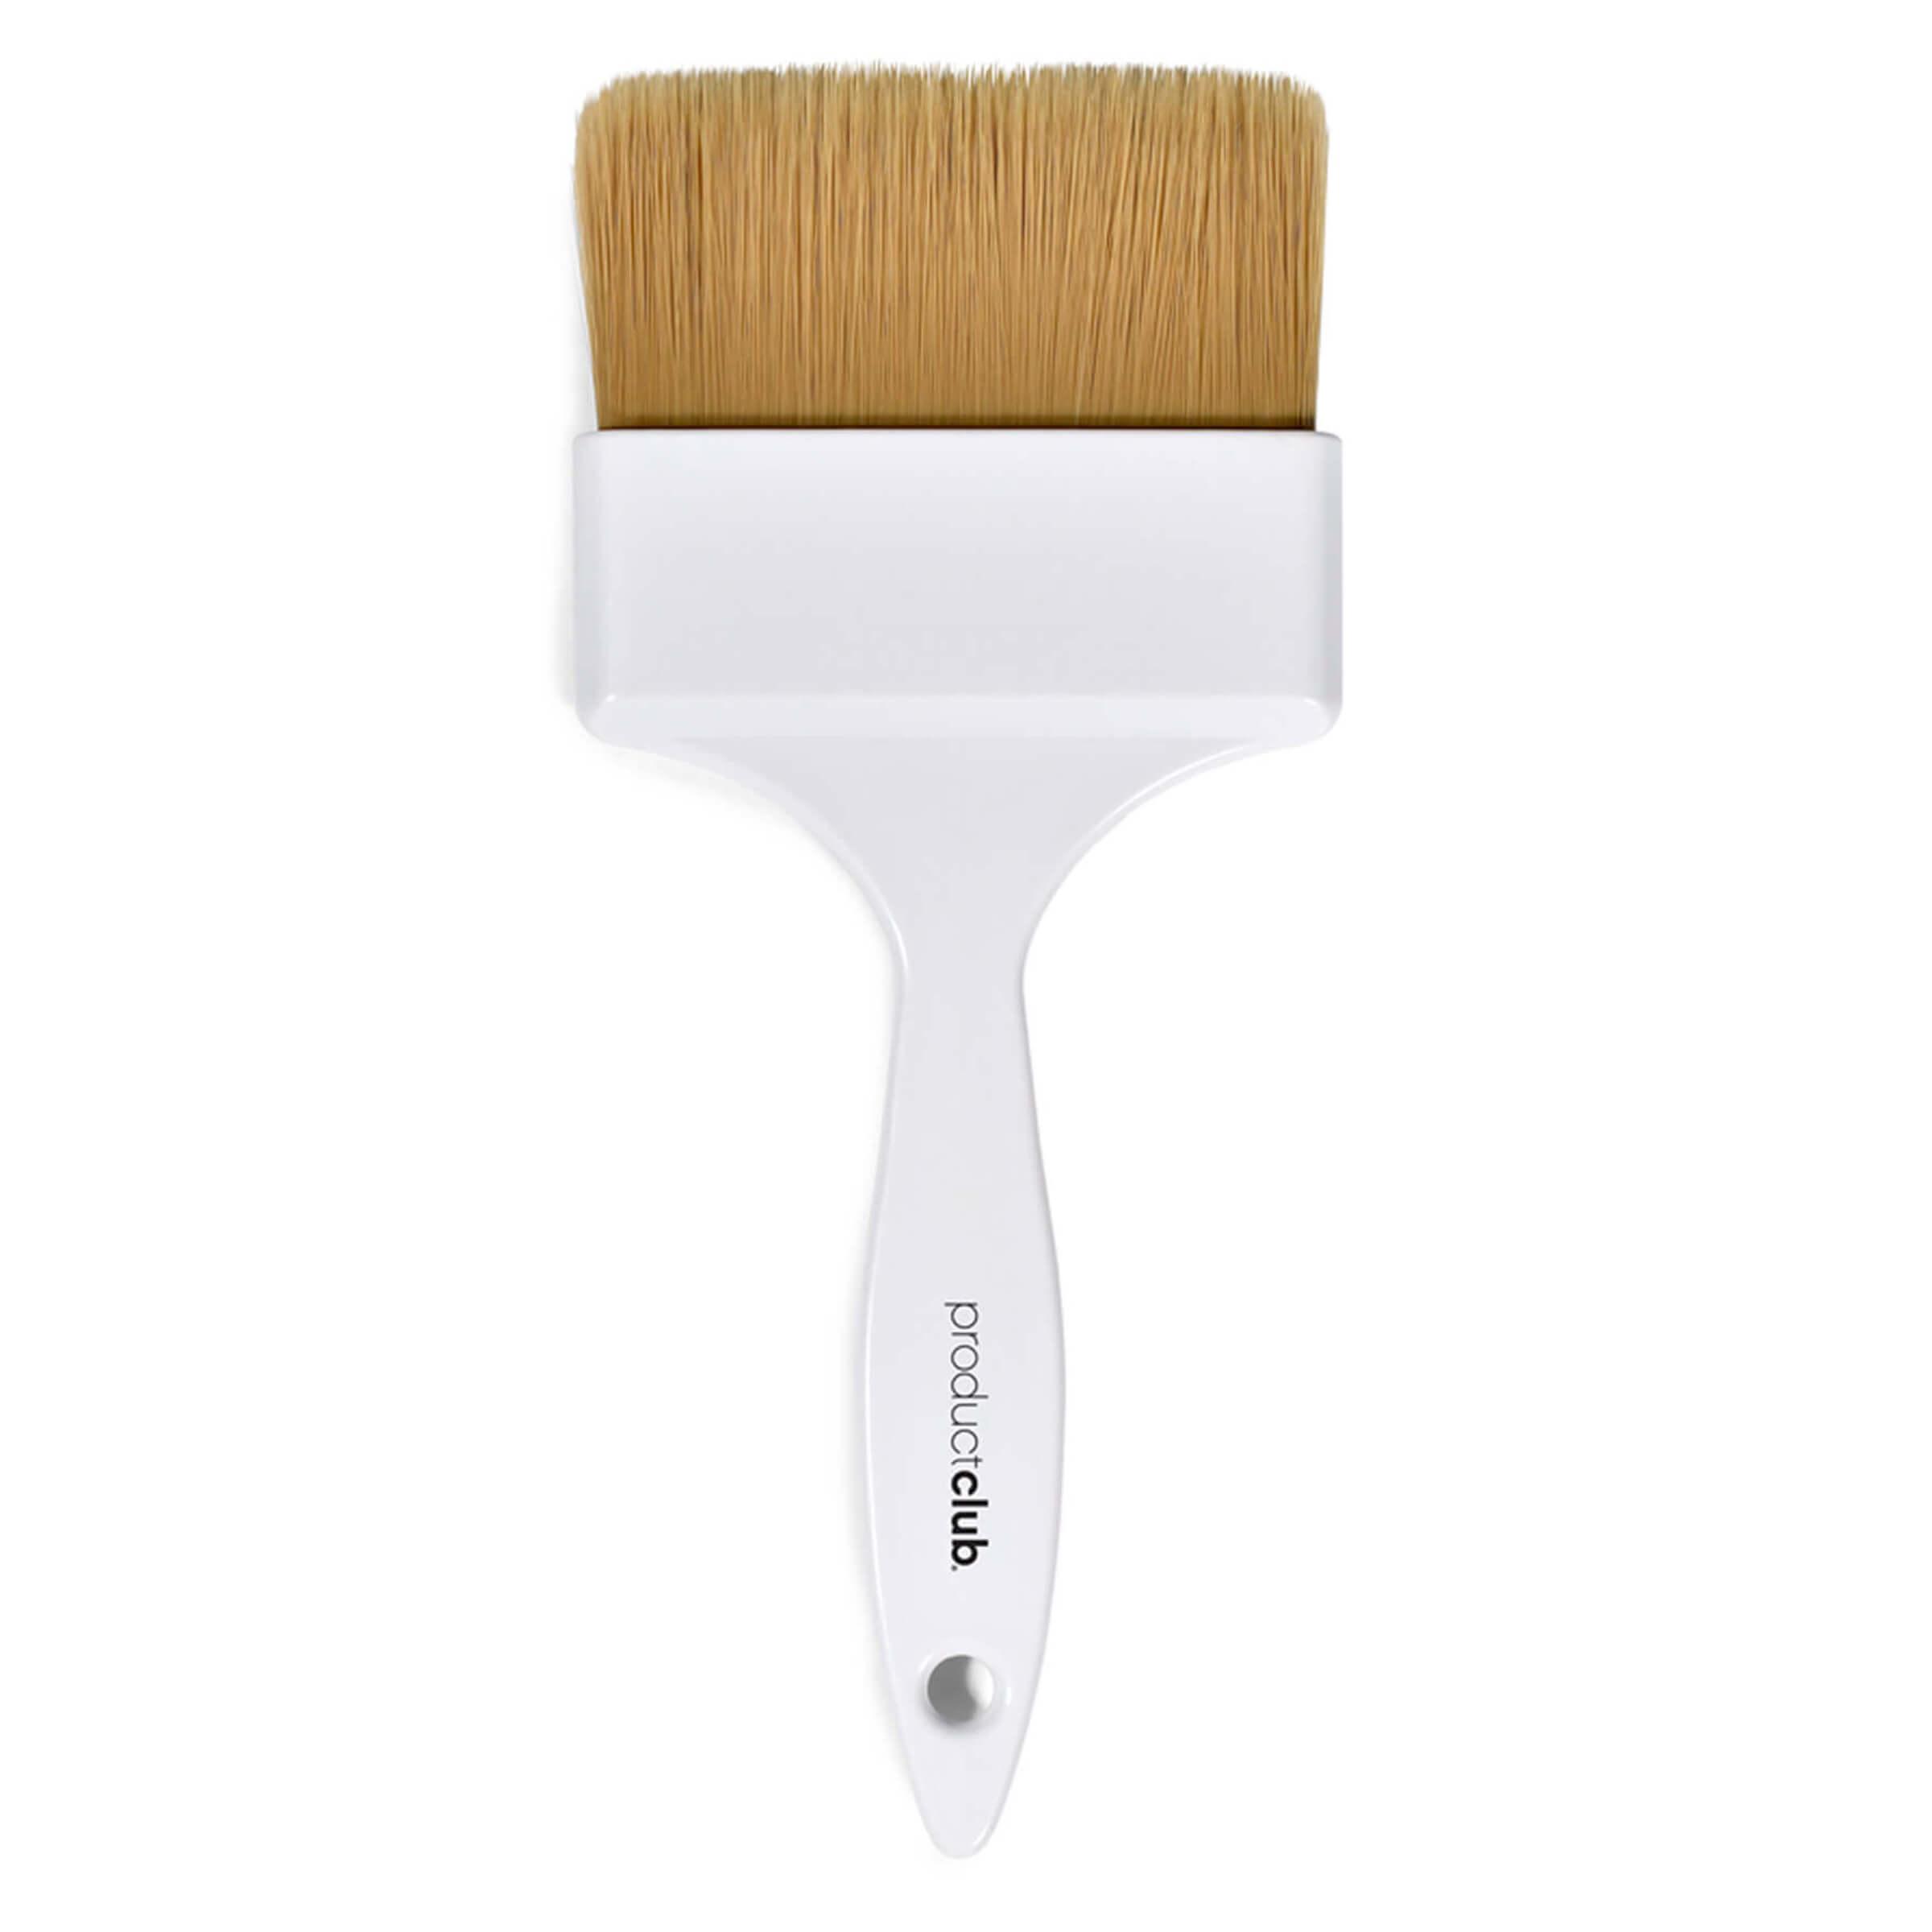 BPB-W Wide Balayage Chip Brush